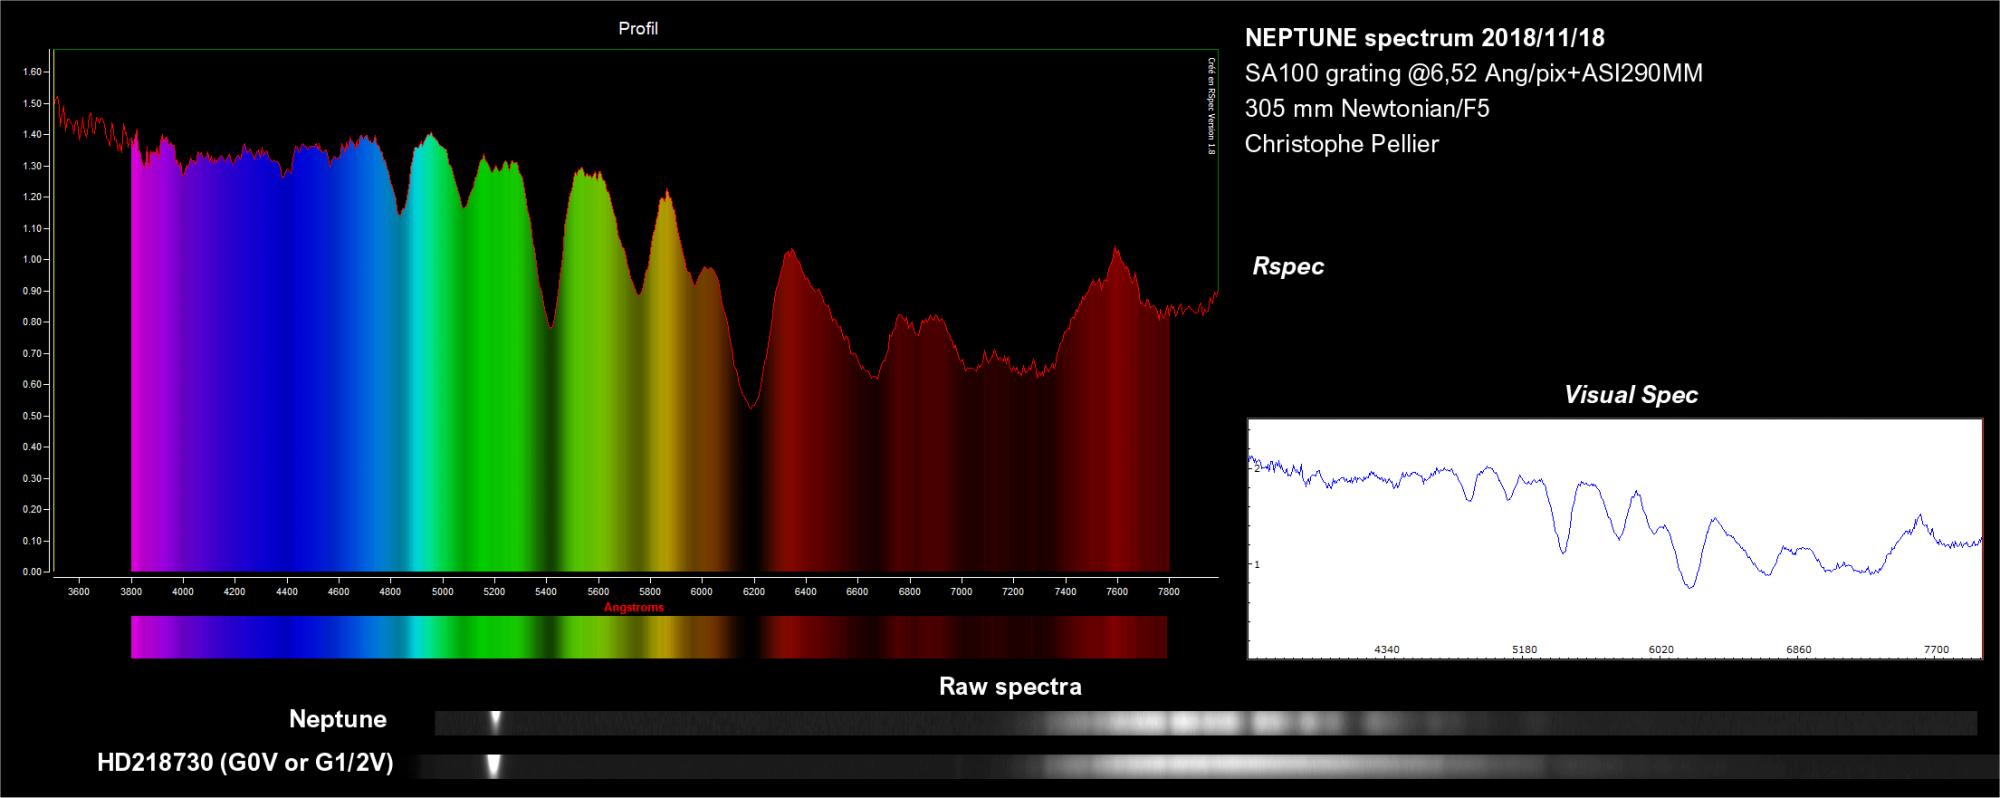 N2018-11-18_18-24_spectrum_cp.png